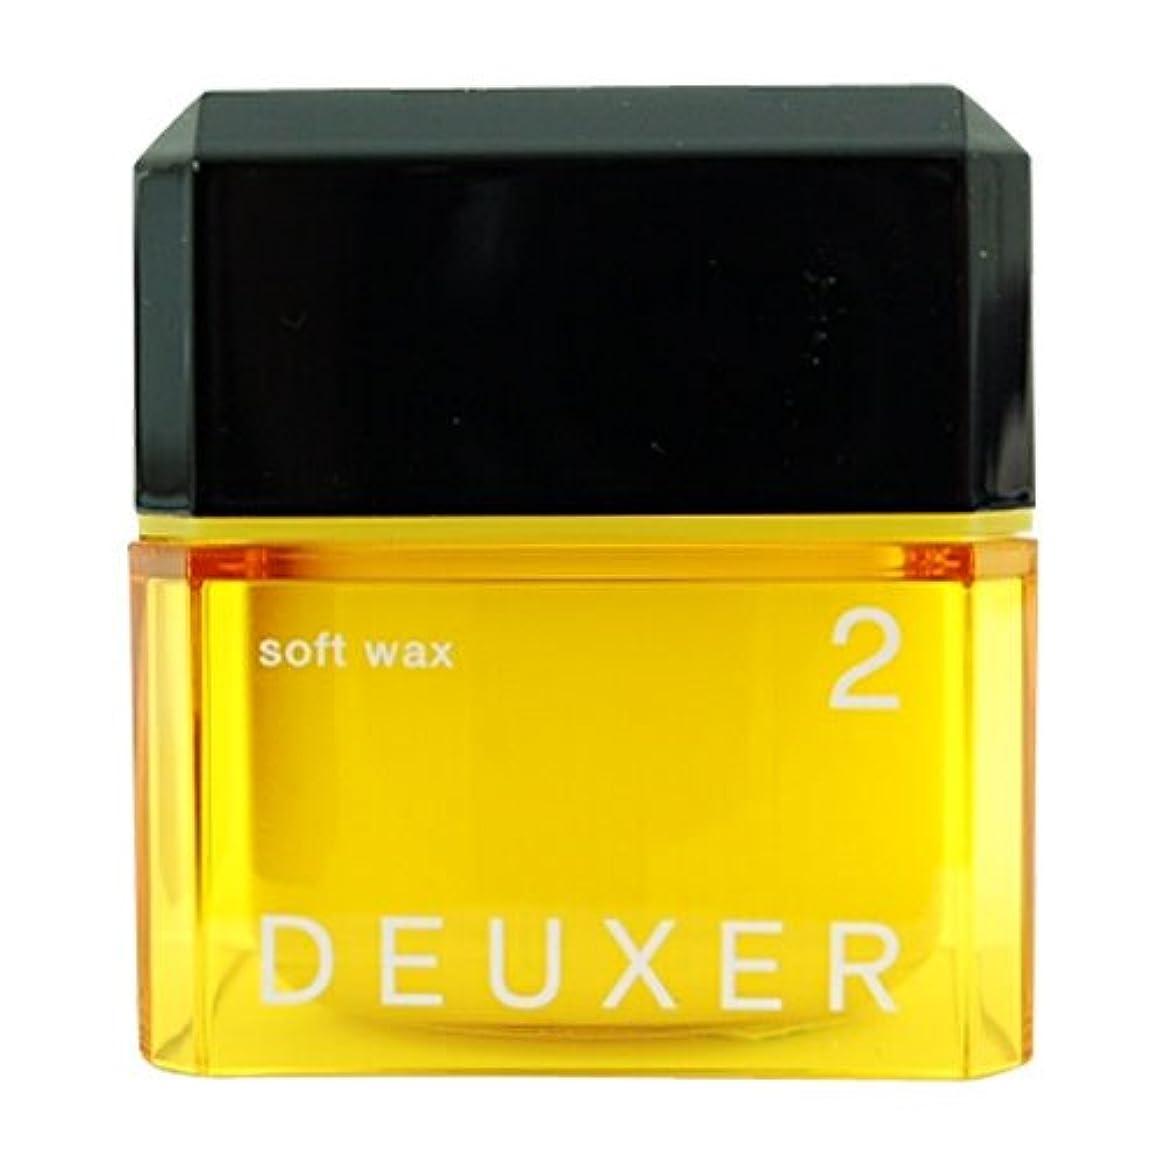 入札キャリッジ上昇ナンバースリー DEUXER(デューサー) ソフトワックス 2 80g